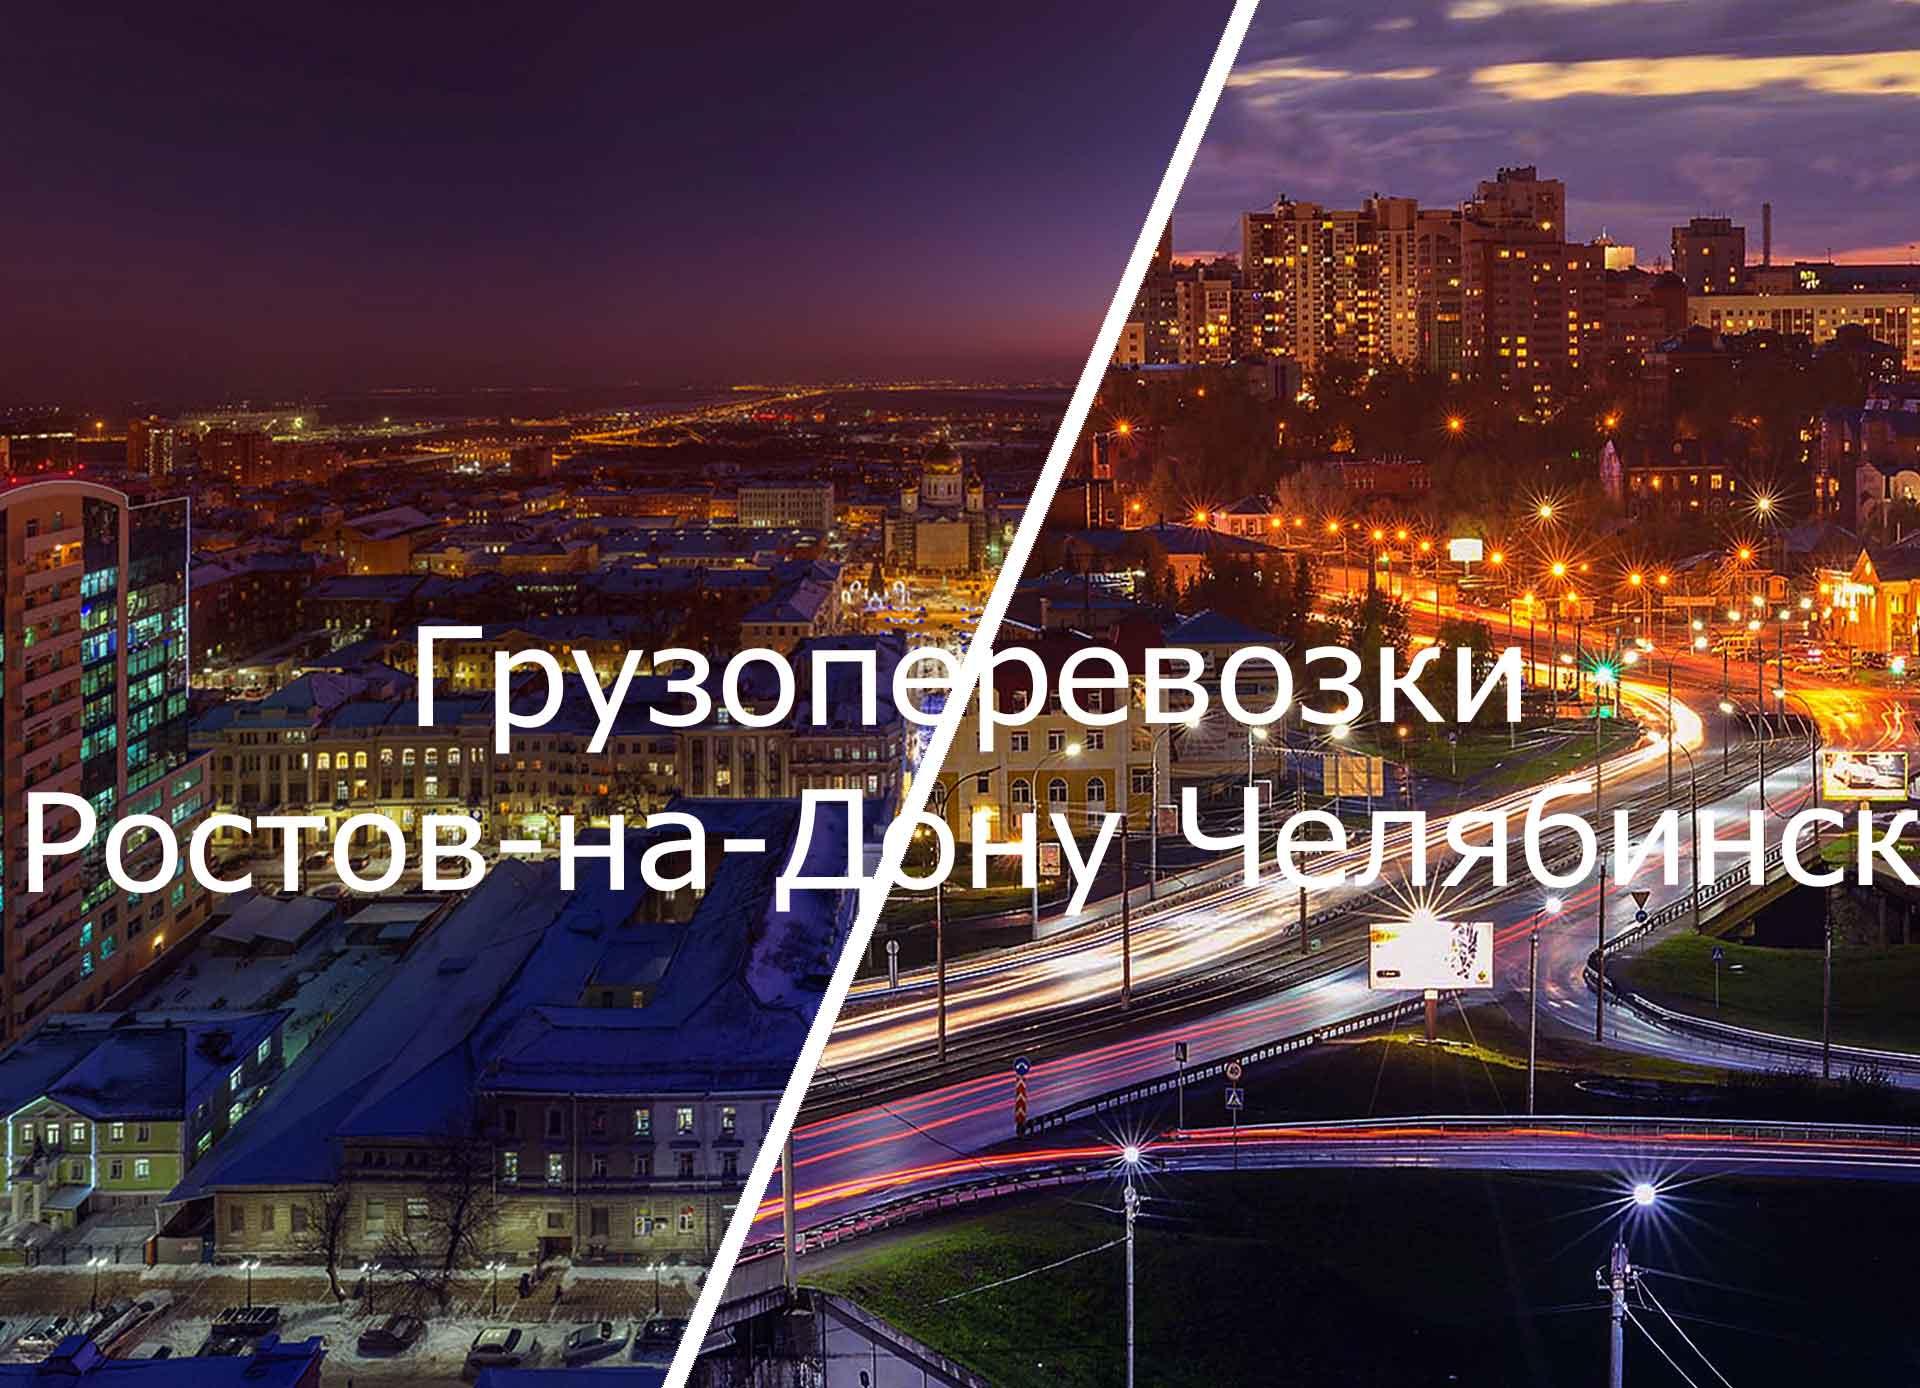 грузоперевозки ростов на дону челябинск